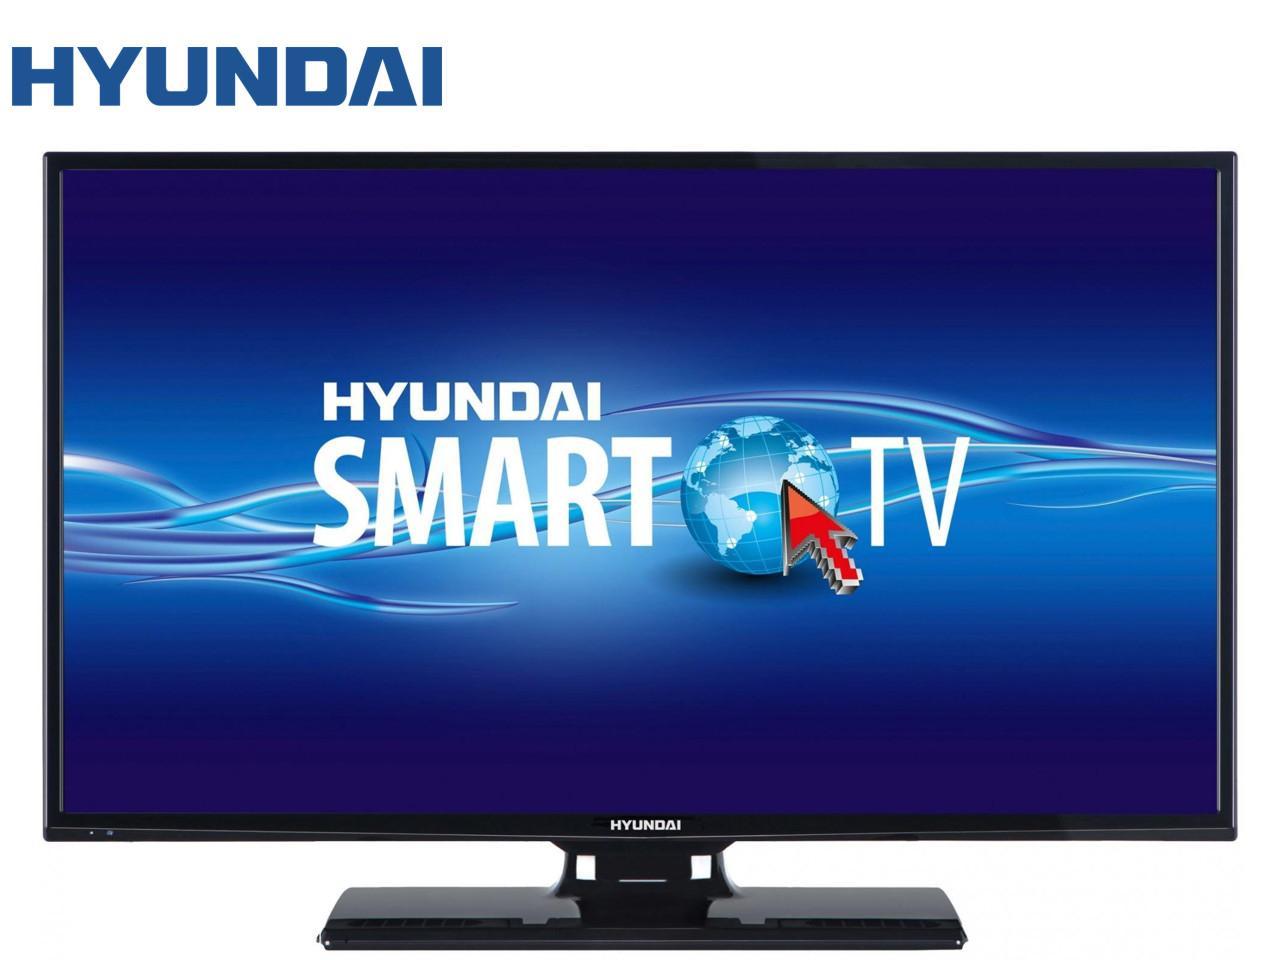 HYUNDAI FLR 48TS511 + 400 Kč na dárky nebo další nákup | CHAT on-line podpora PO-PÁ 8-22.00!!